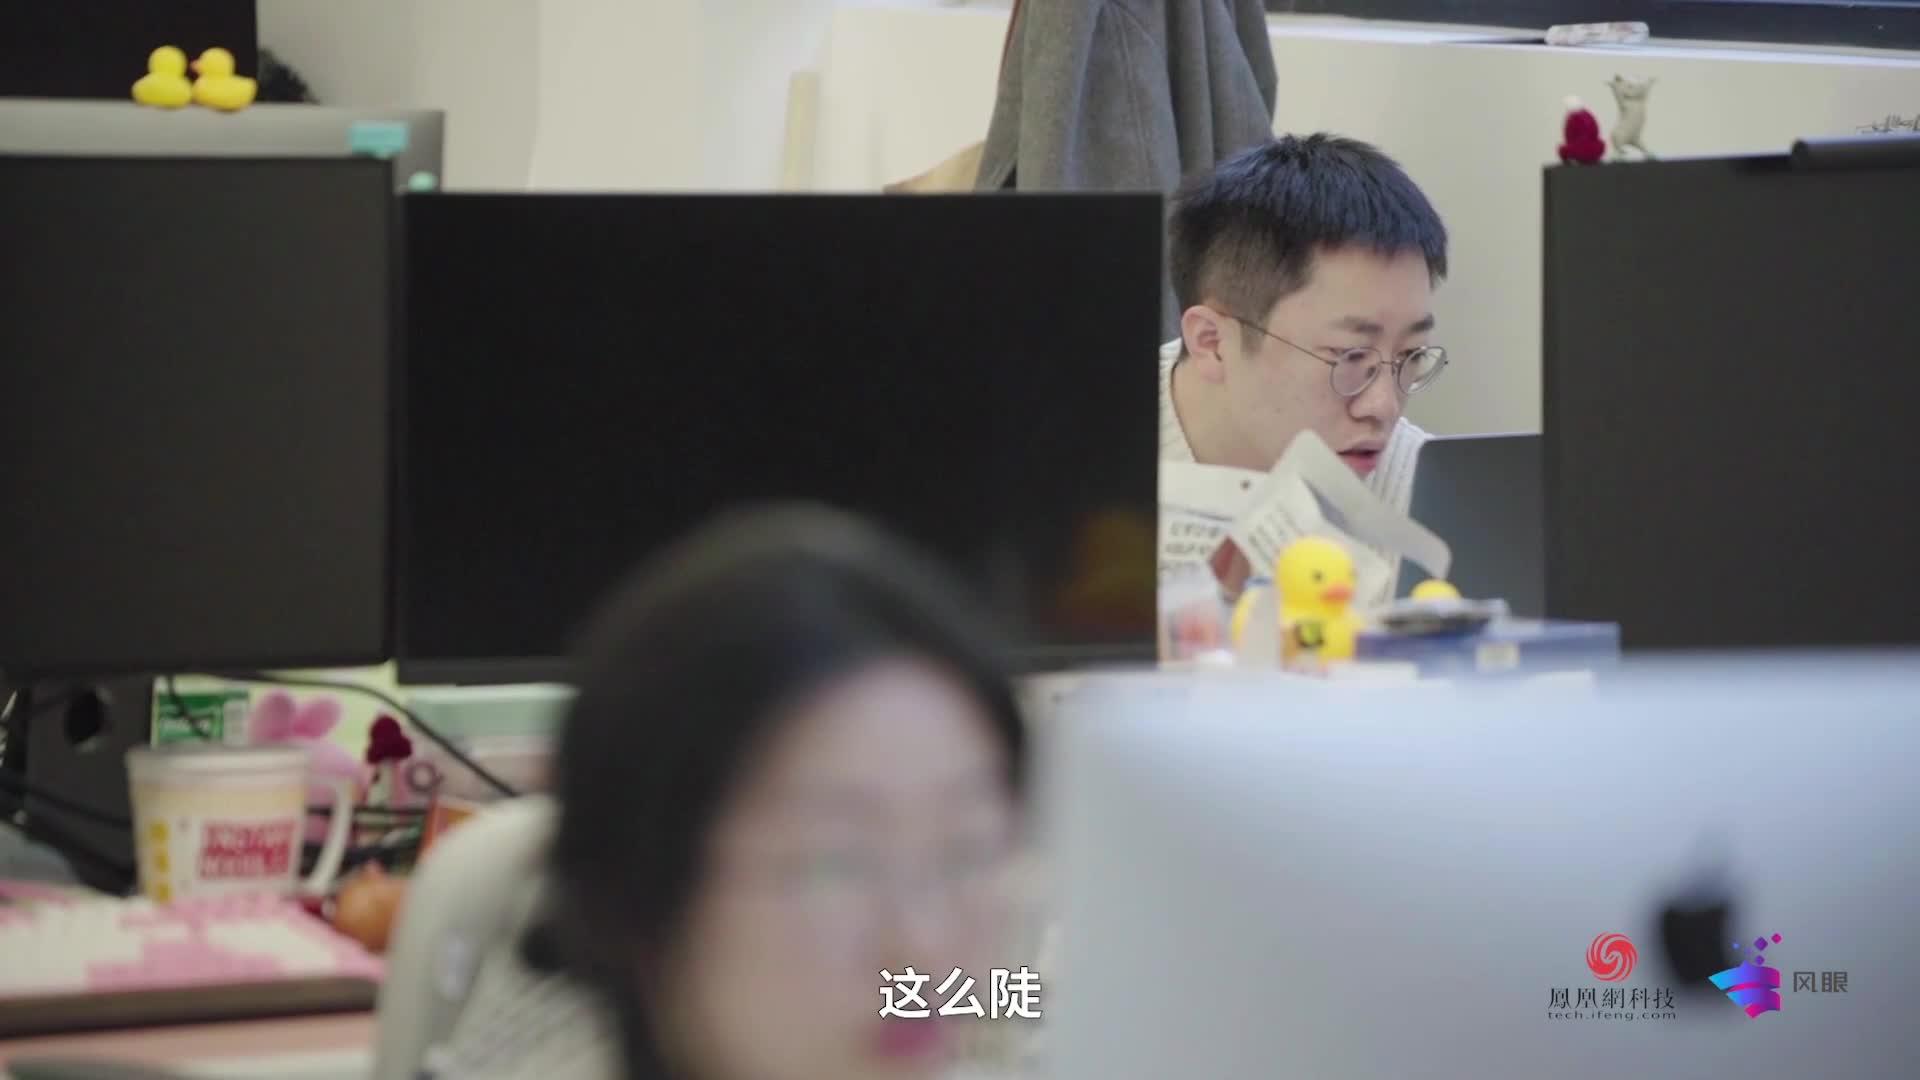 吴松磊:回形针的企业文化是走一步看一步